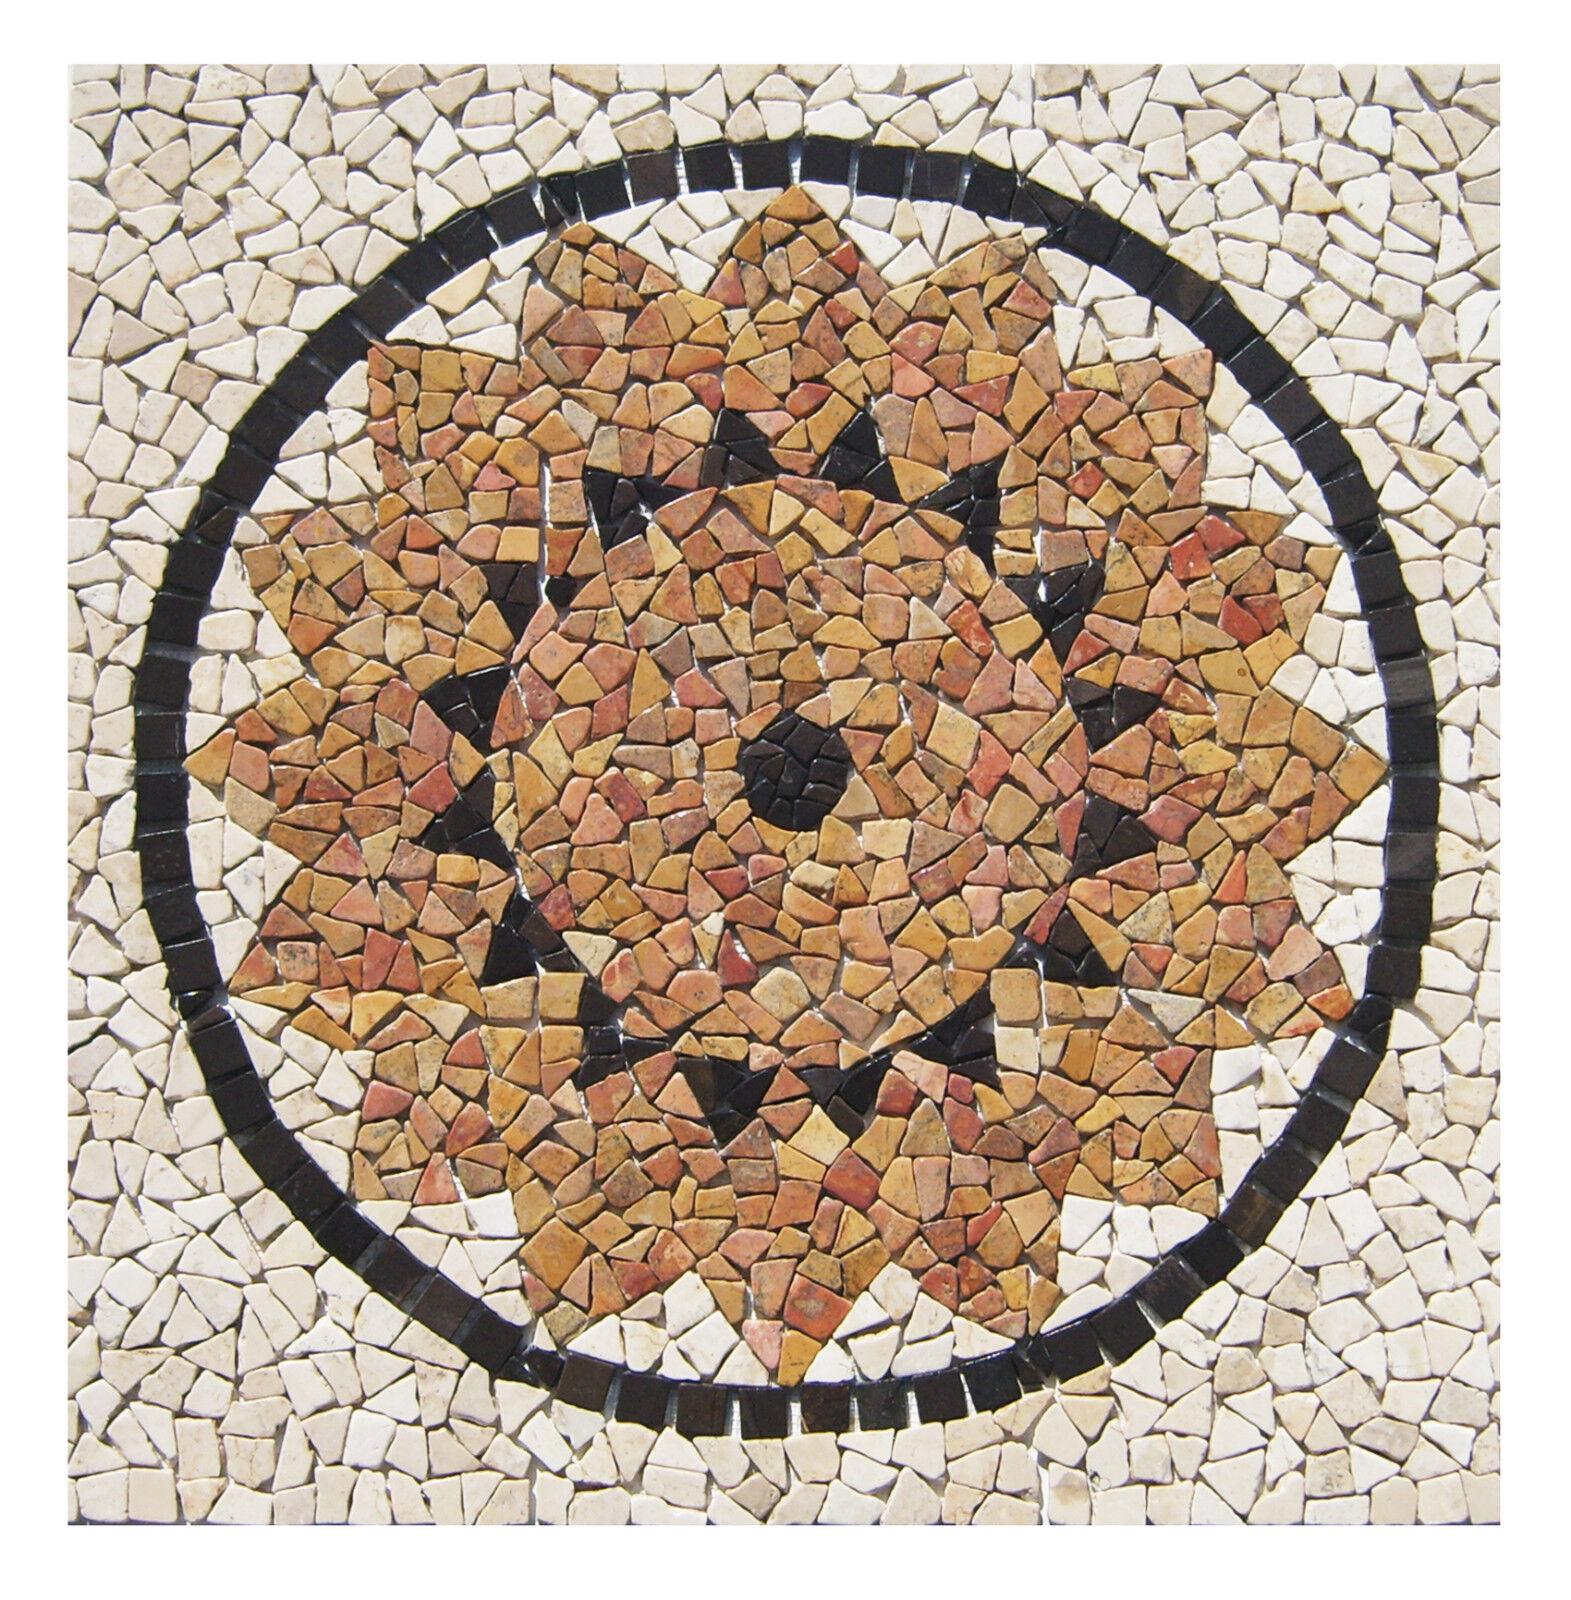 1 Mosaik Bild RO-003 - 90x90 - Rosone Mosaikfliesen Lager Stein-mosaik Herne NRW